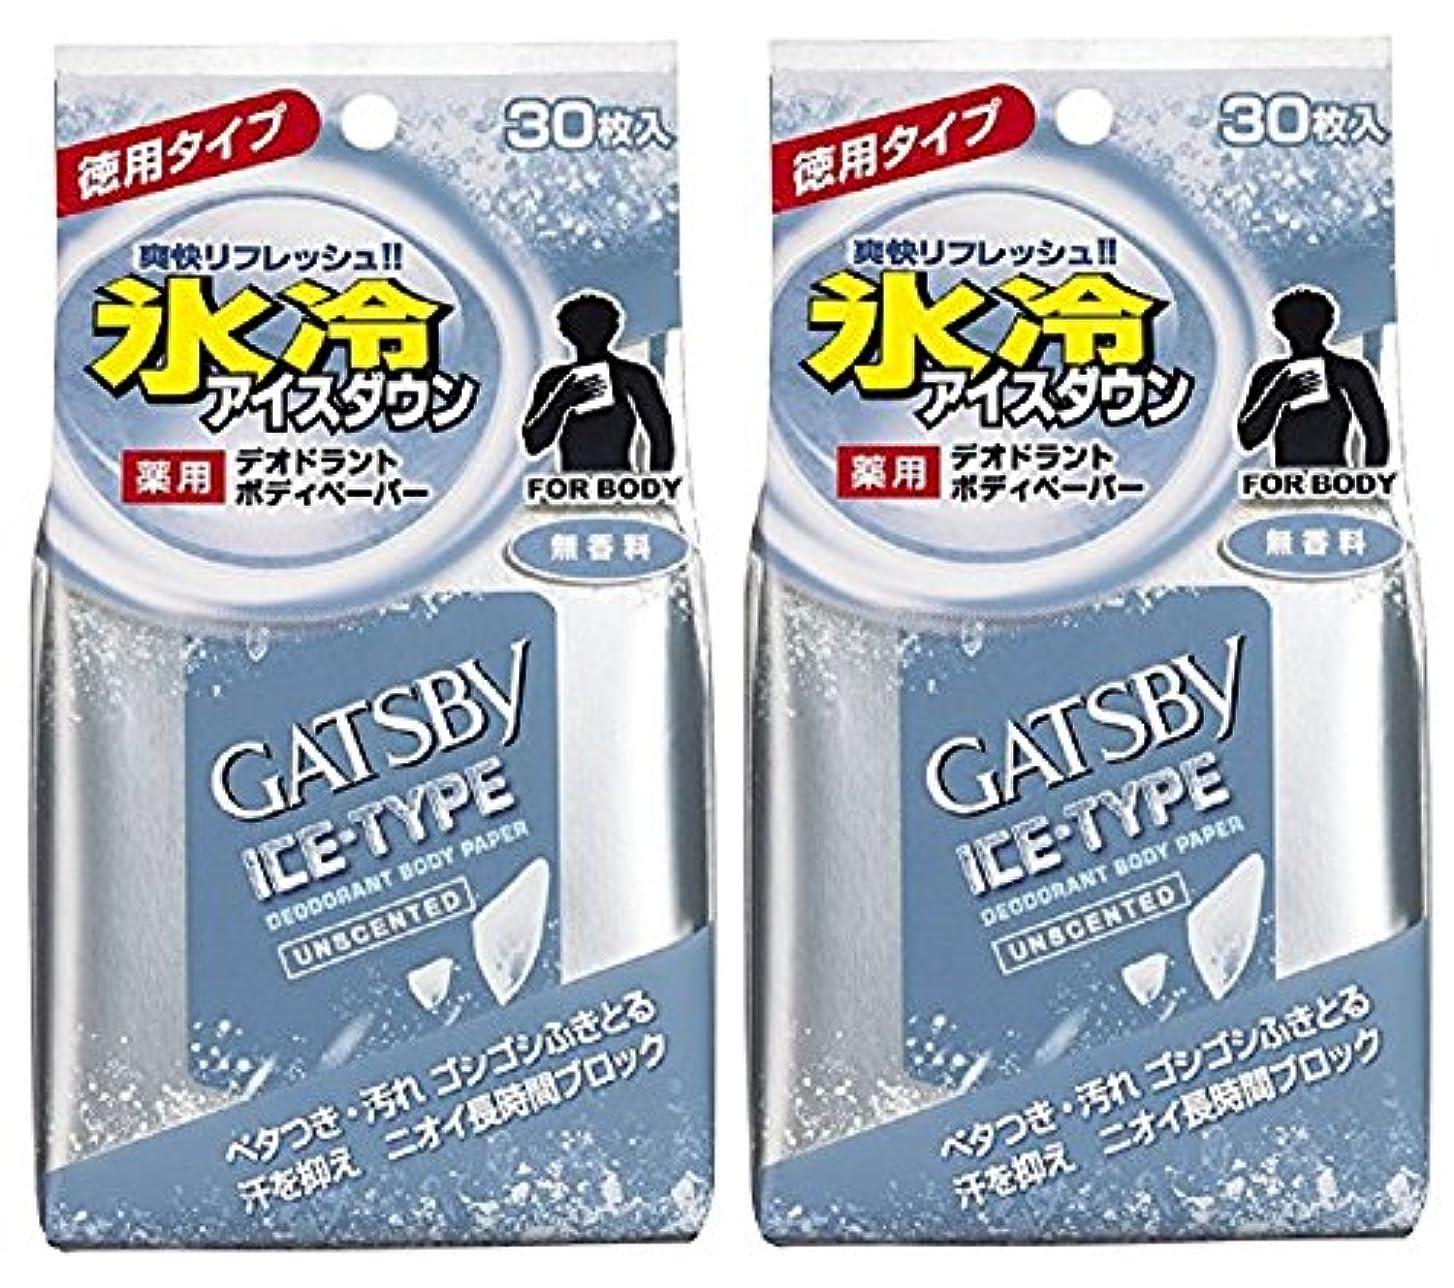 はっきりとポーン任命GATSBY (ギャツビー) アイスデオドラントボディペーパー 無香料 <徳用> (医薬部外品) 30枚 2P